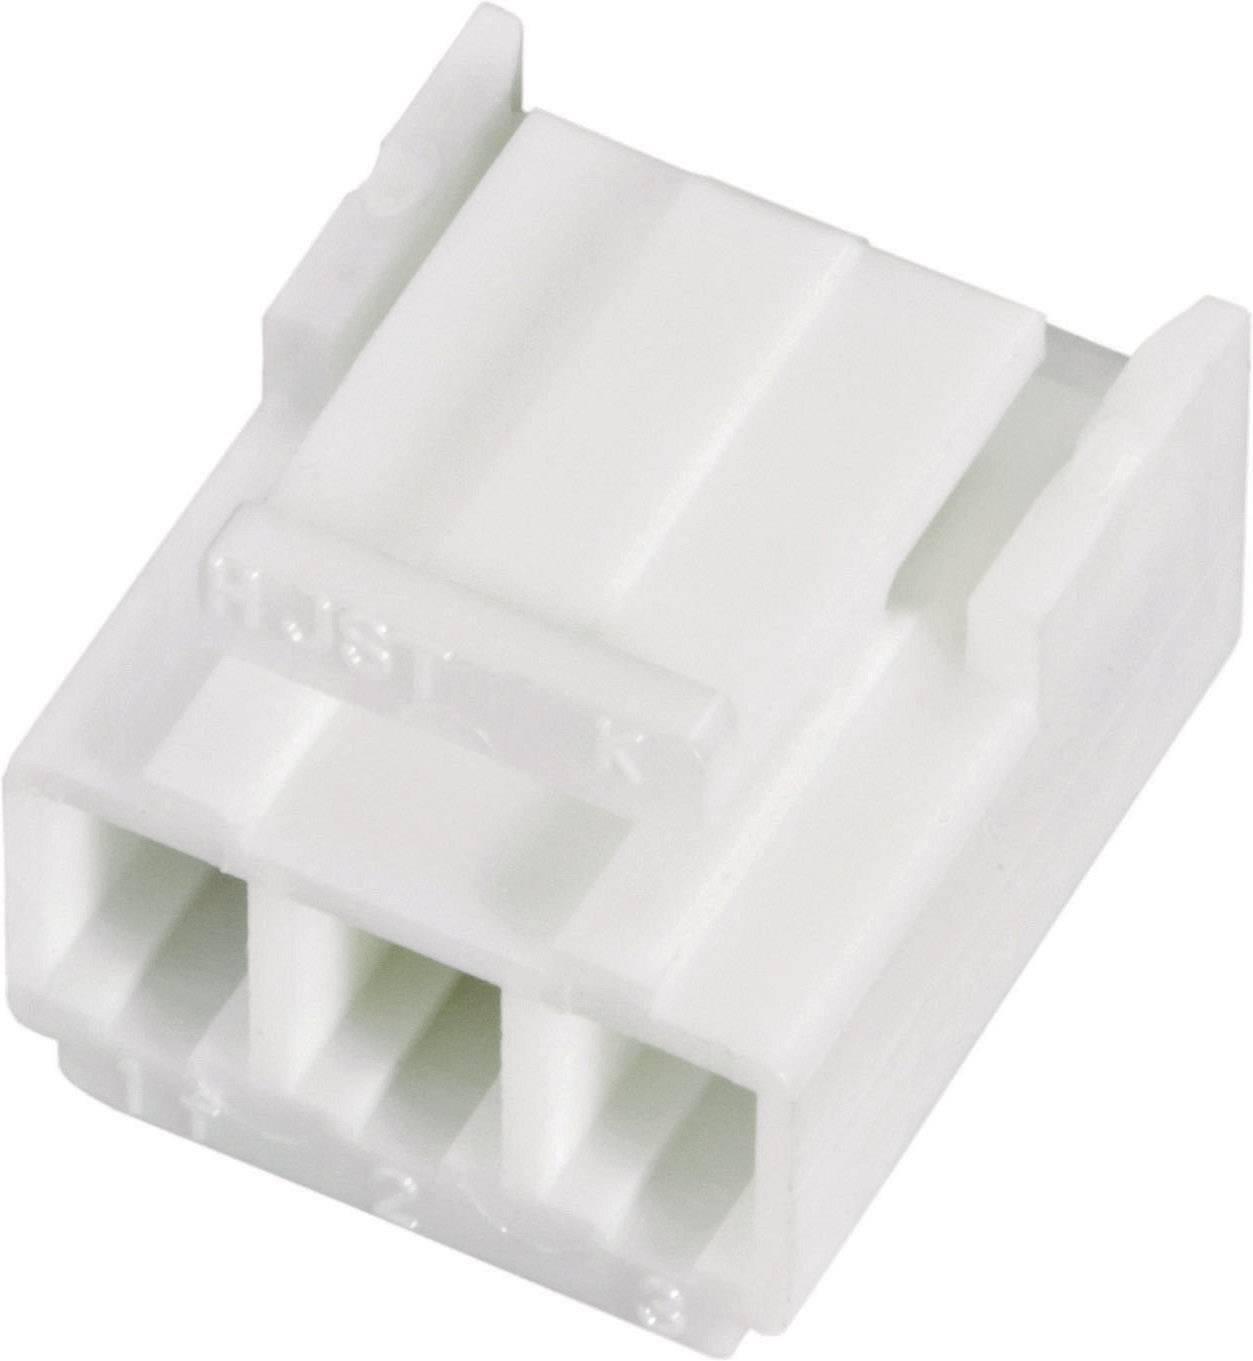 Zásuvková lišta JST 5 5 VHR-5N VHR-5N 14.6 mm Rastr (rozteč) 3.96 mm, 1 ks